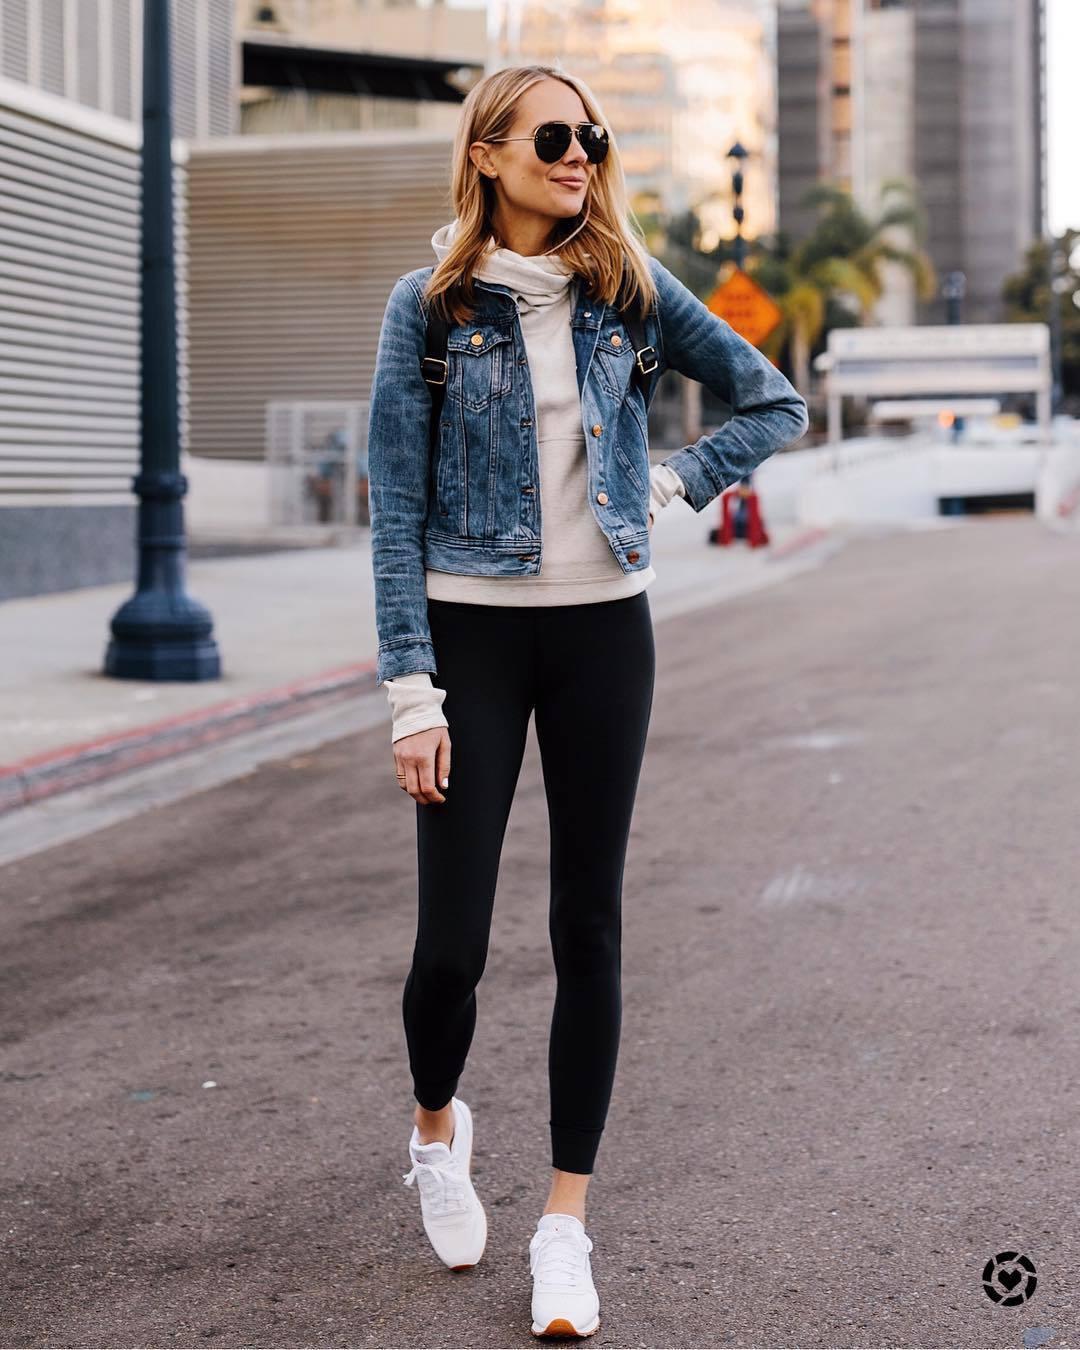 pants black leggings Reebok white sneakers white hoodie denim jacket sunglasses black backpack sportswear